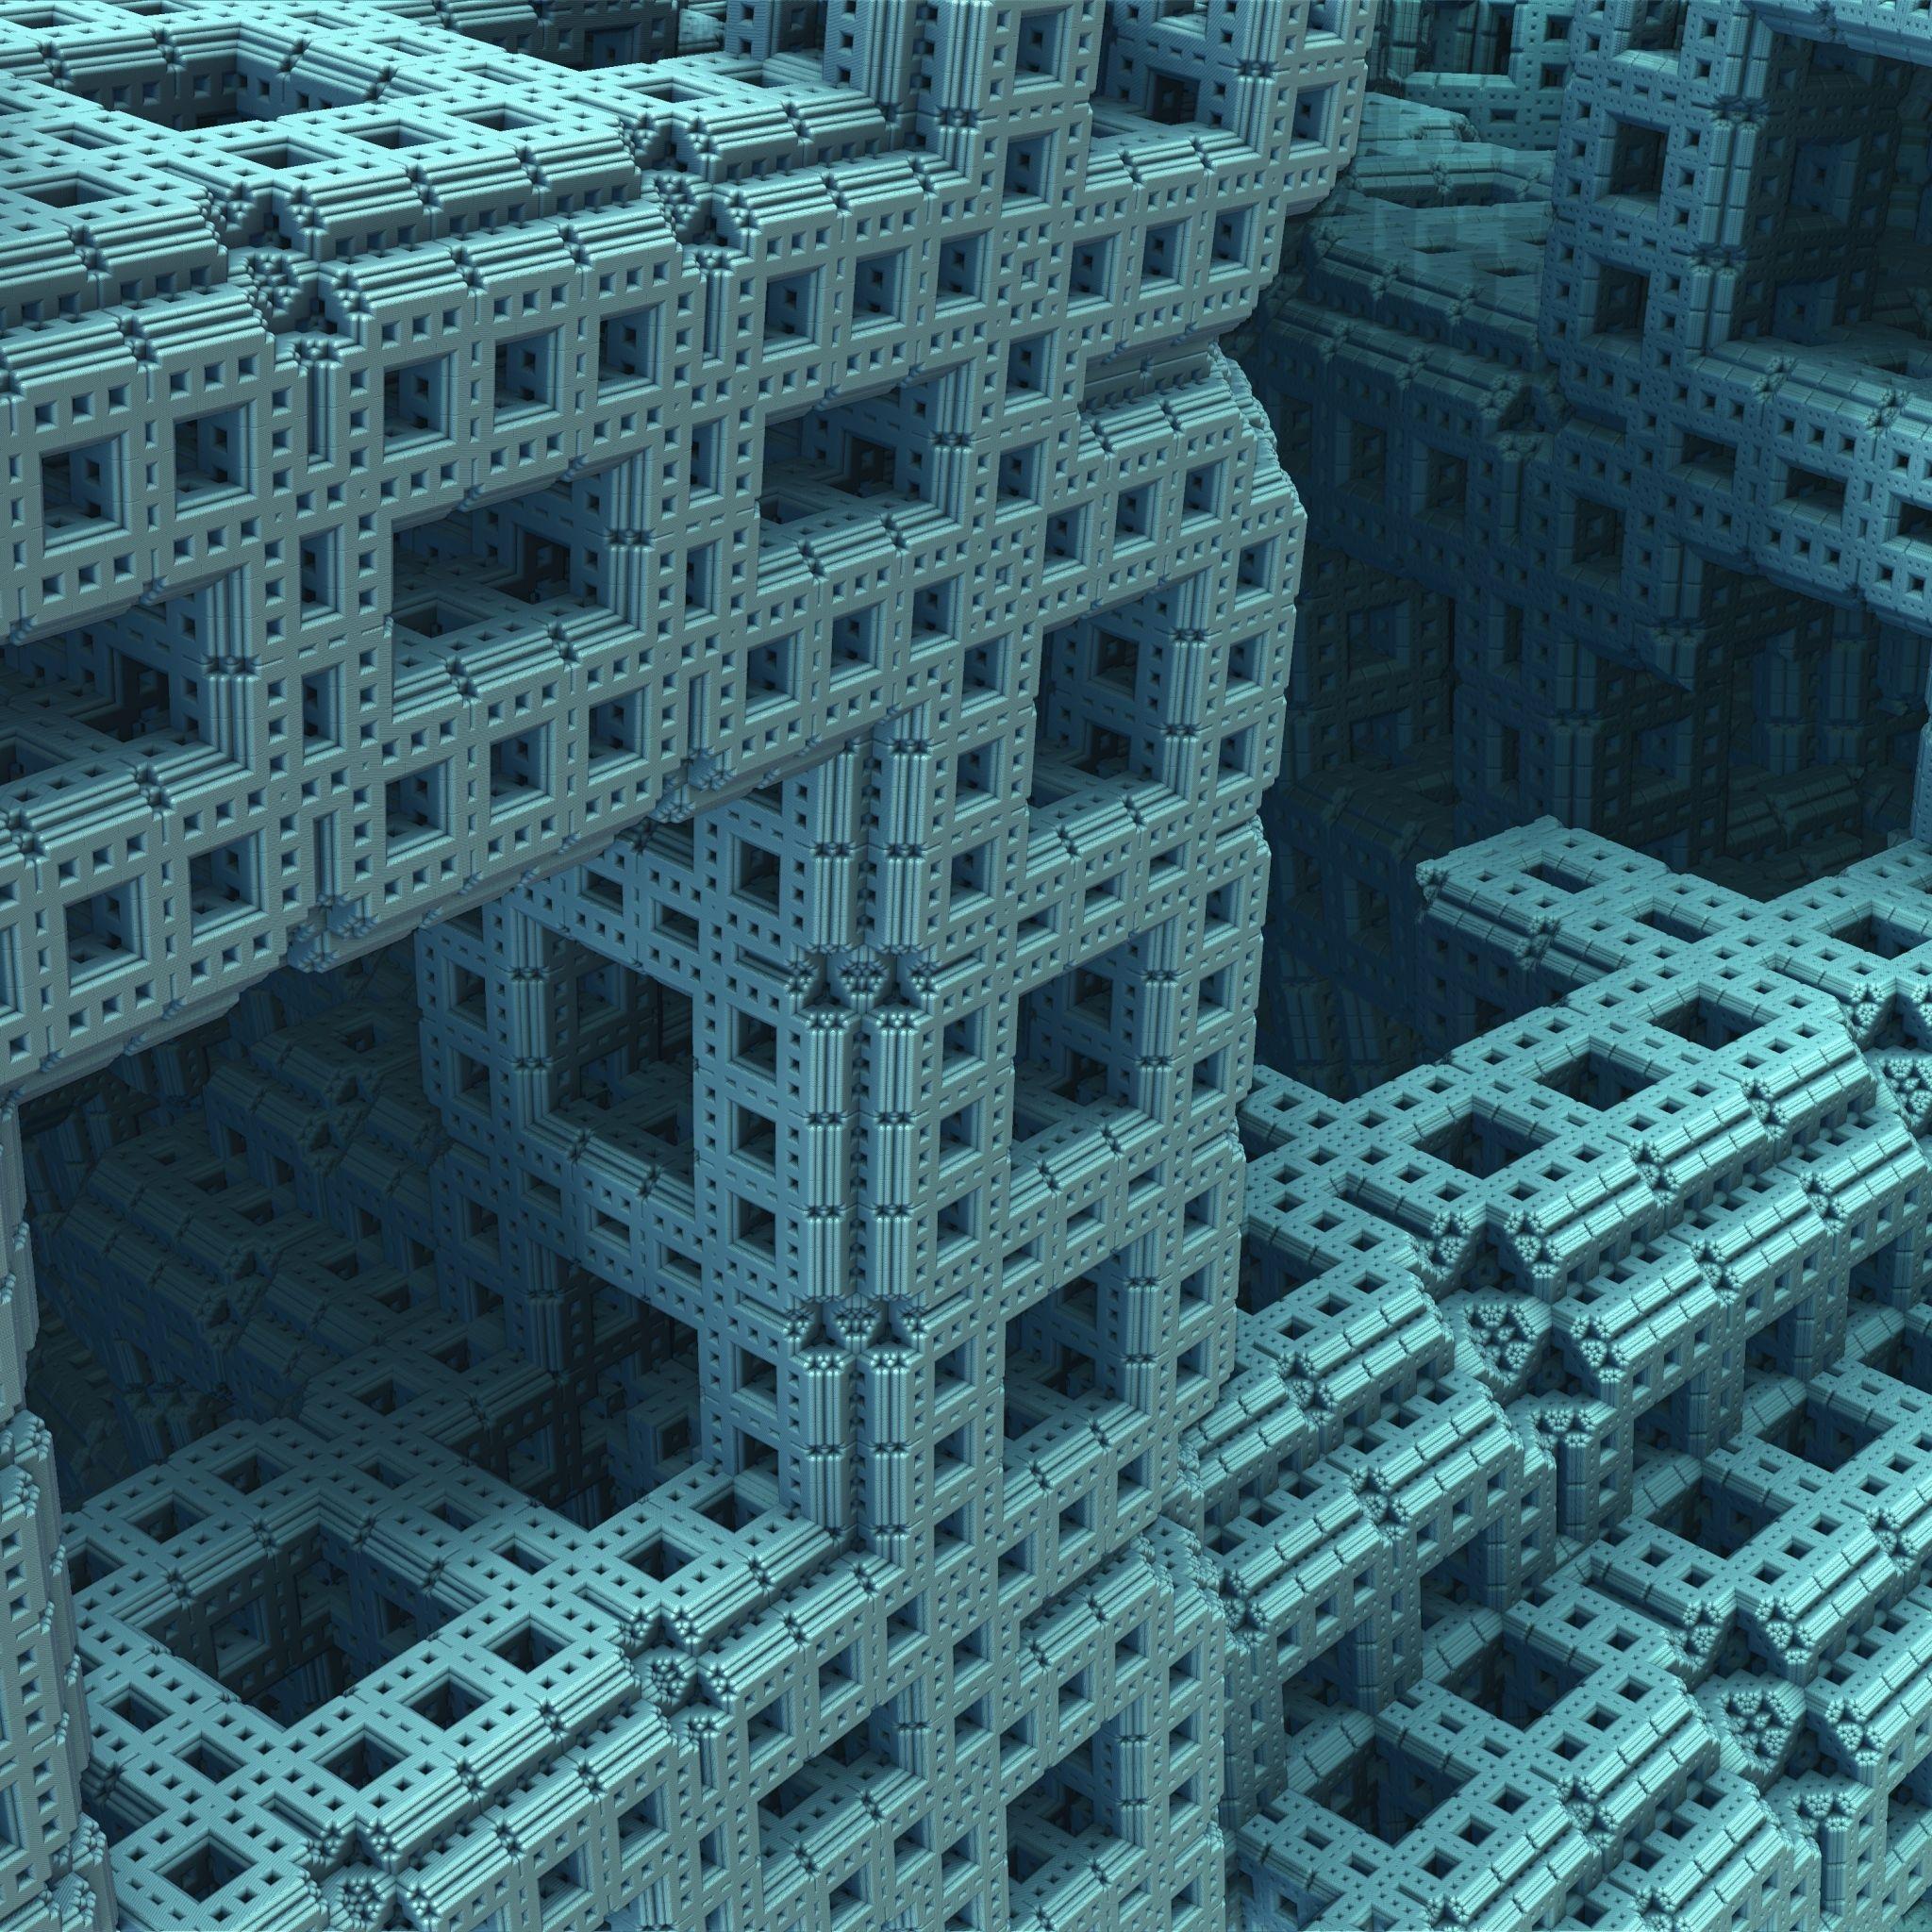 3D Fractal Surface Figure